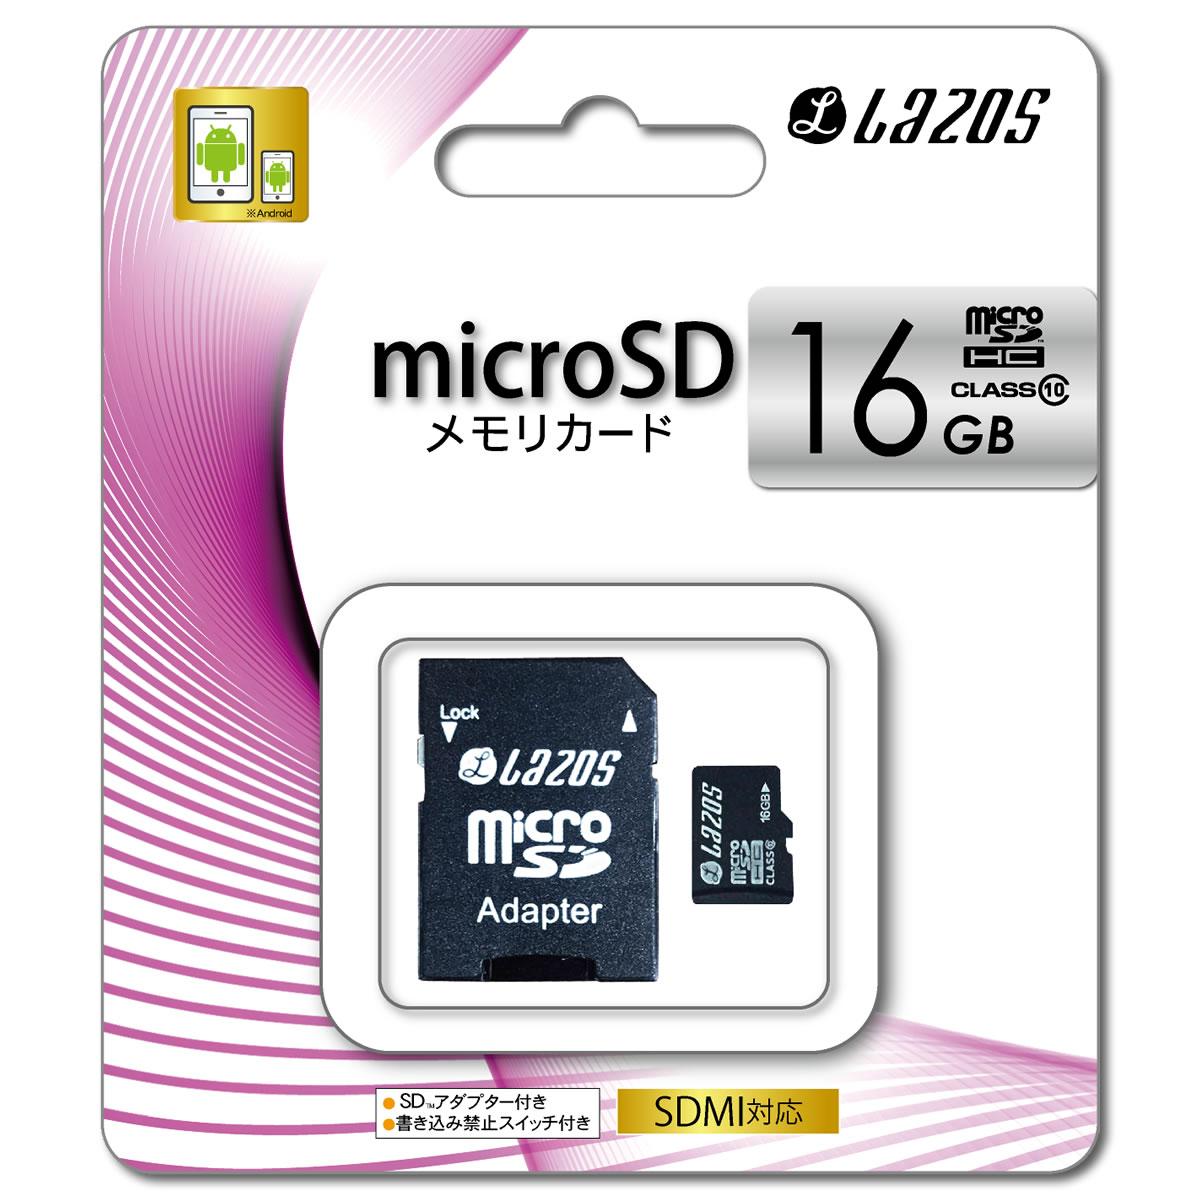 MicroSDメモリーカード 16GB マイクロ SDカード microSDHC メモリーカード TFカード CLASS10 SDカード 変換アダプタ付き 国内1年保証 【メール便送料無料】